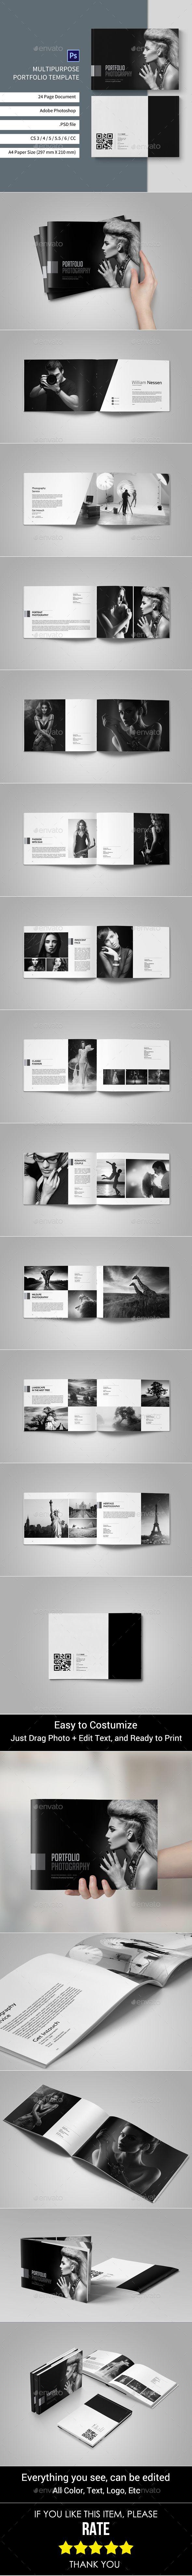 Portfolio Photographer Album Template PSD